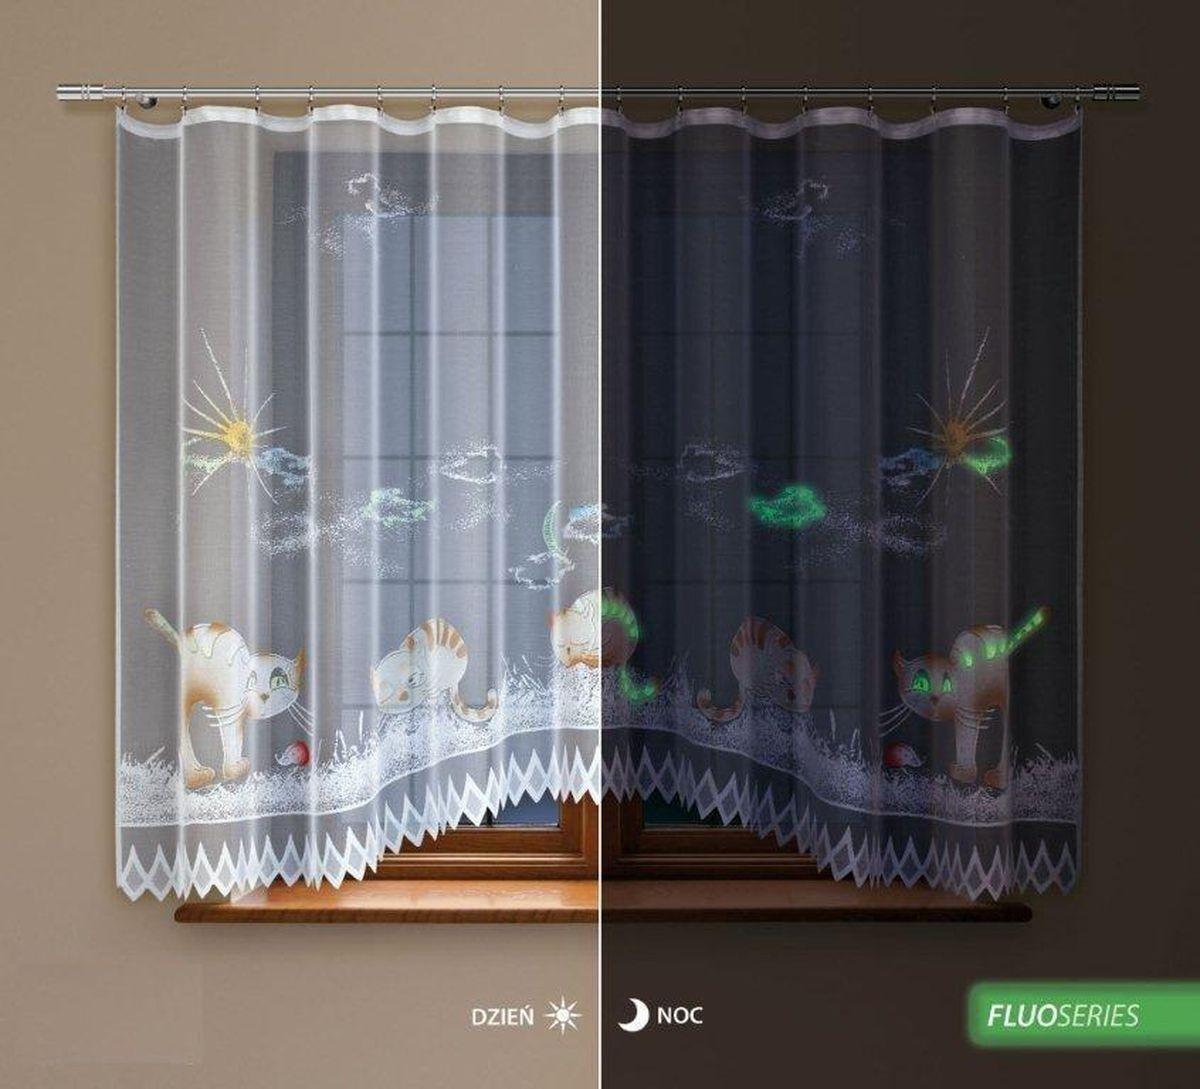 Гардина Haft Silver Line, флуоресцентная, цвет: белый, высота 160 см. 218440/160 haft 221074 120